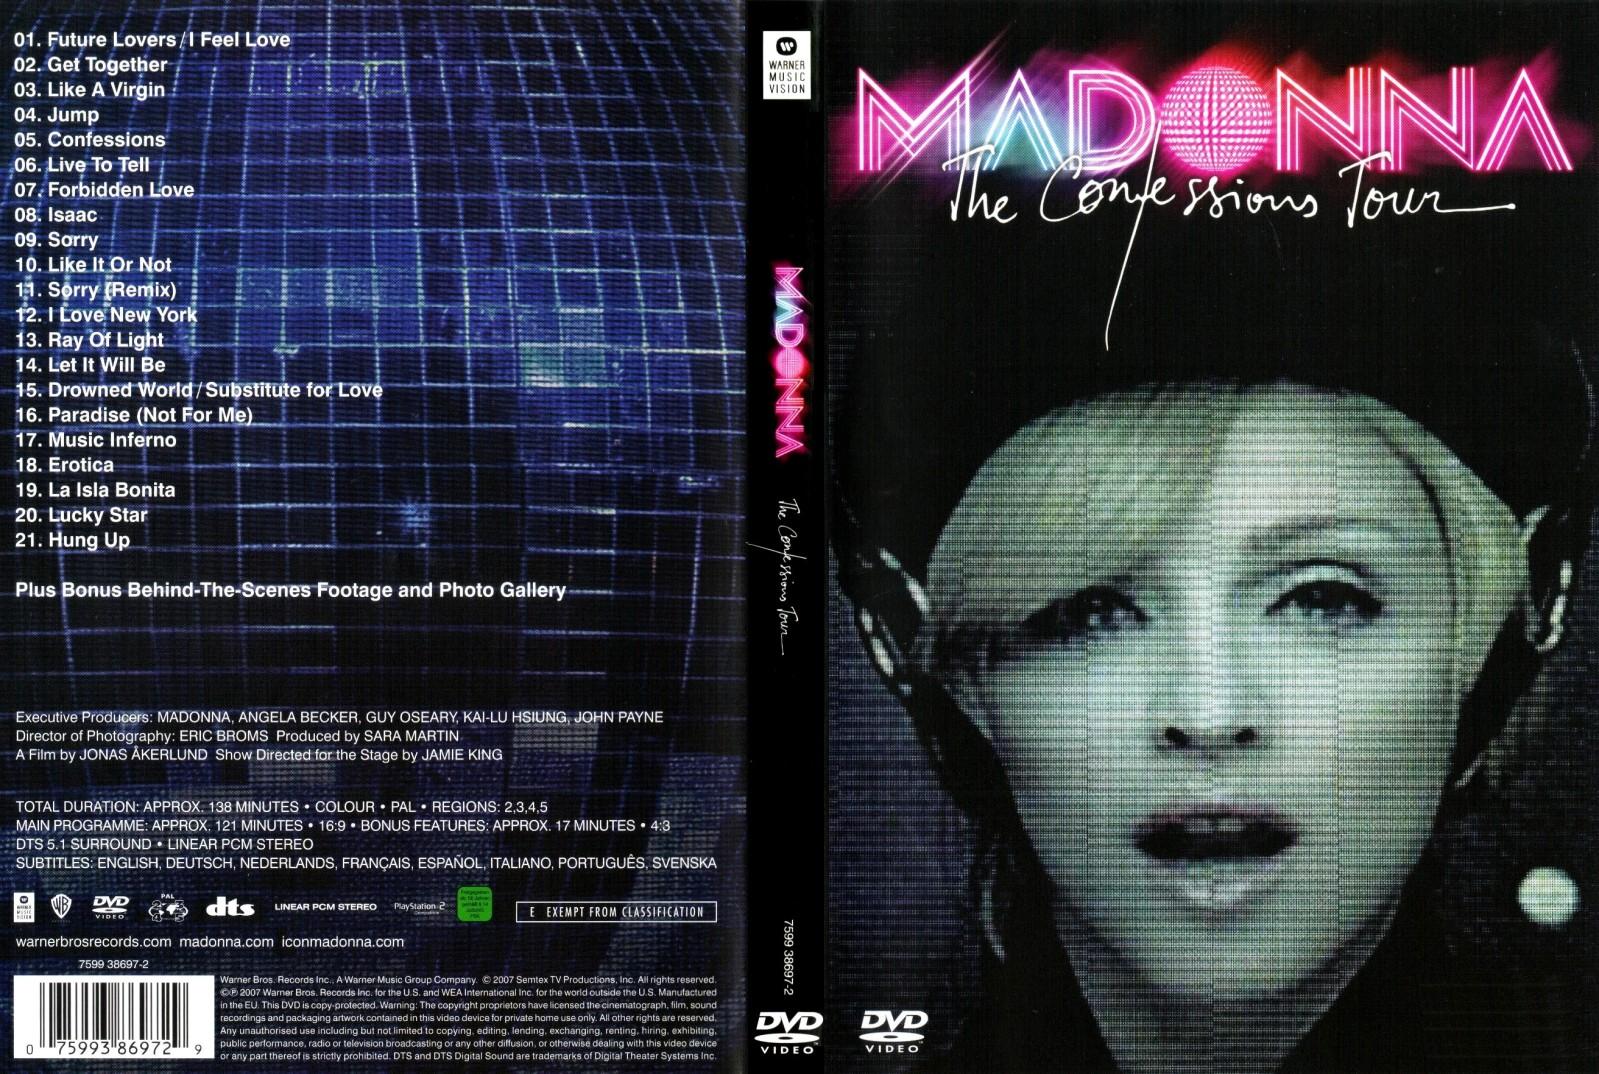 Madonna Confessions Tour Review